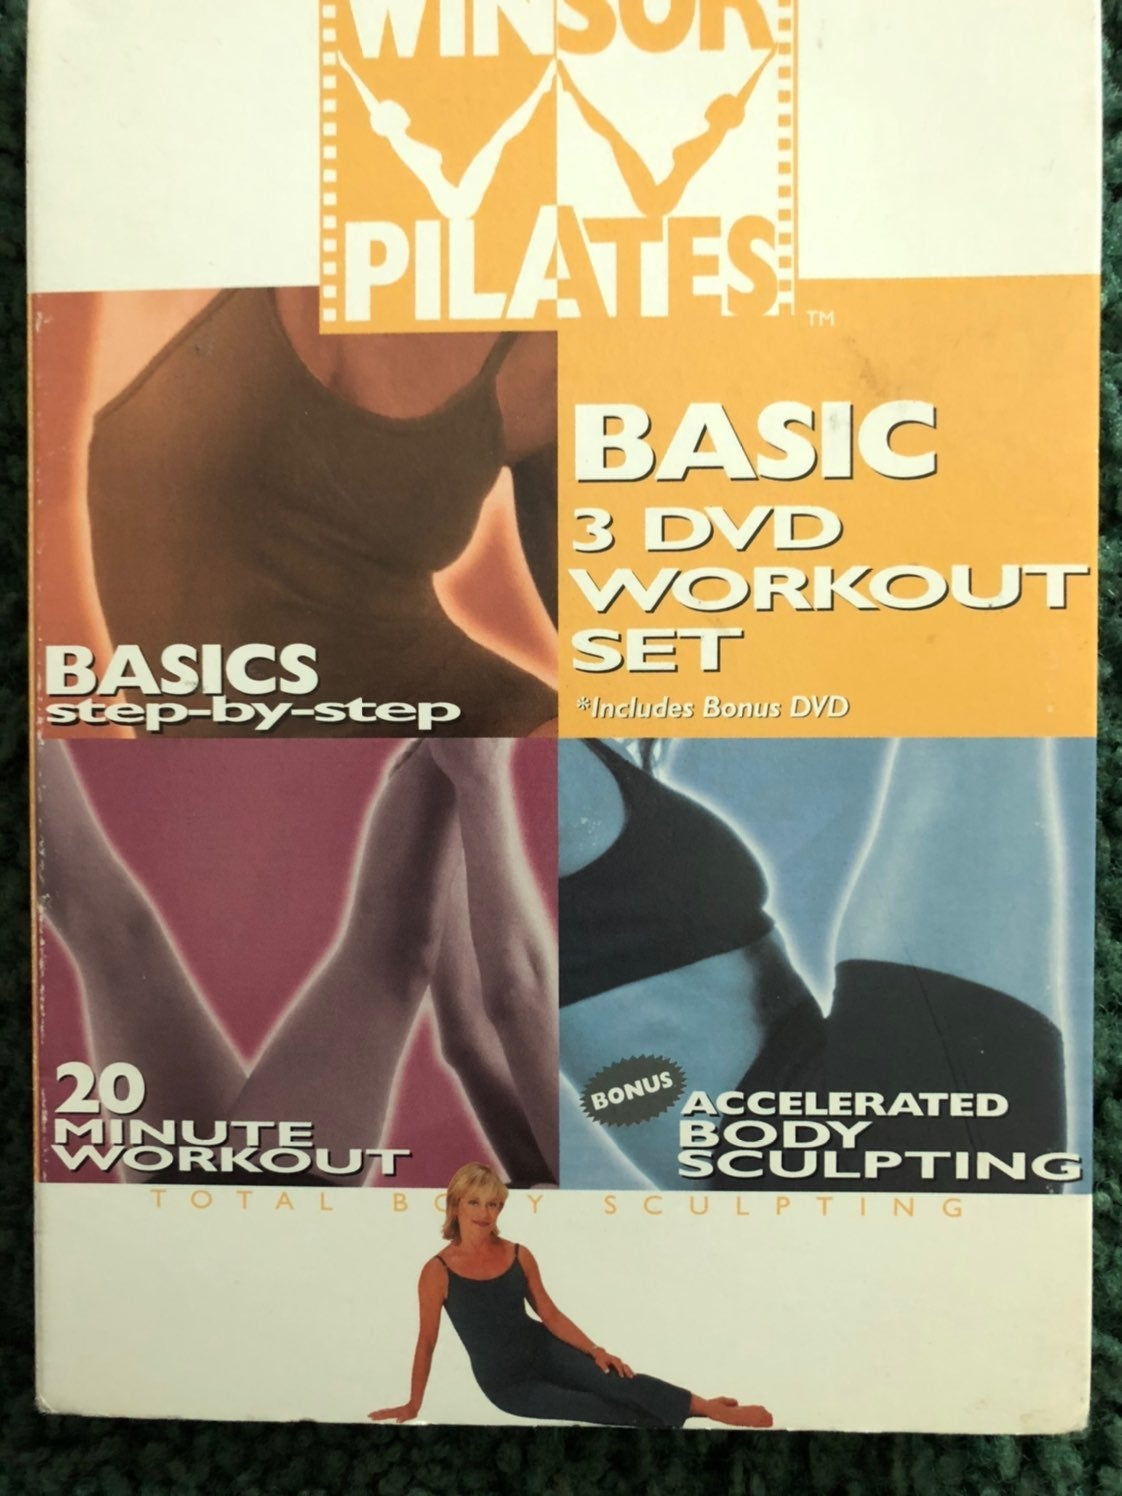 Winsor Pilates Basic 3 DVDs